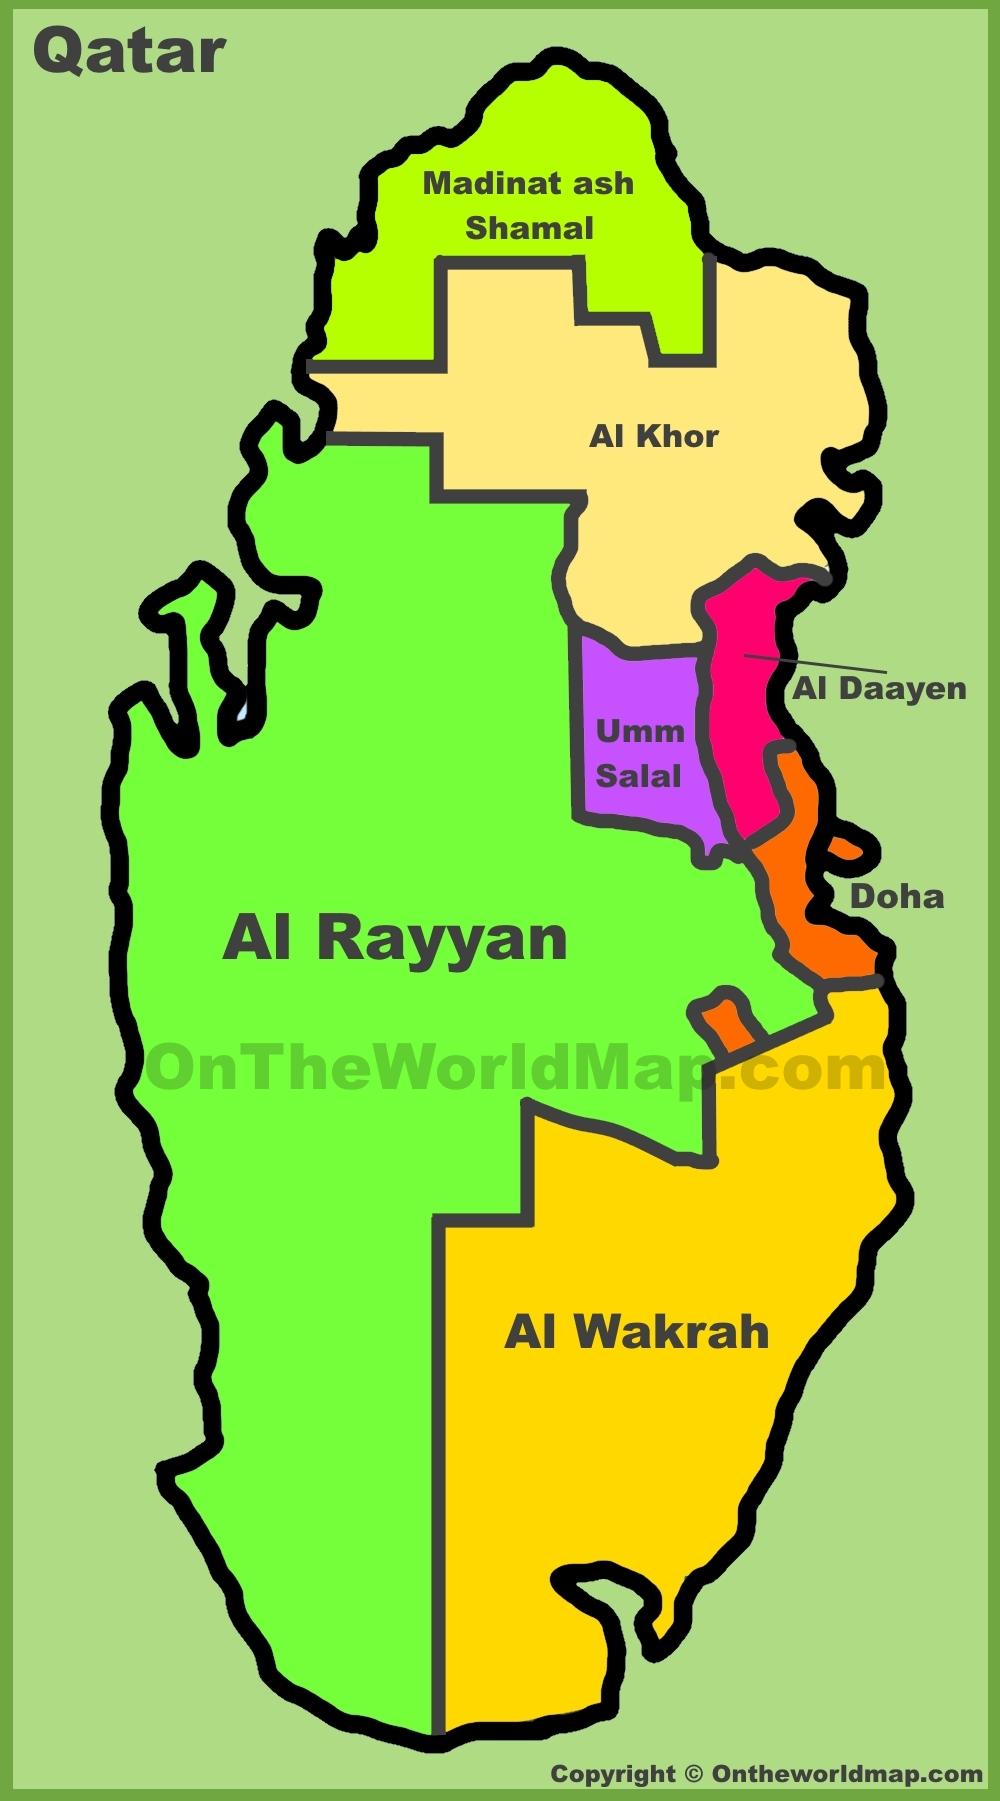 Qatar Maps Maps Of Qatar - Qatar map